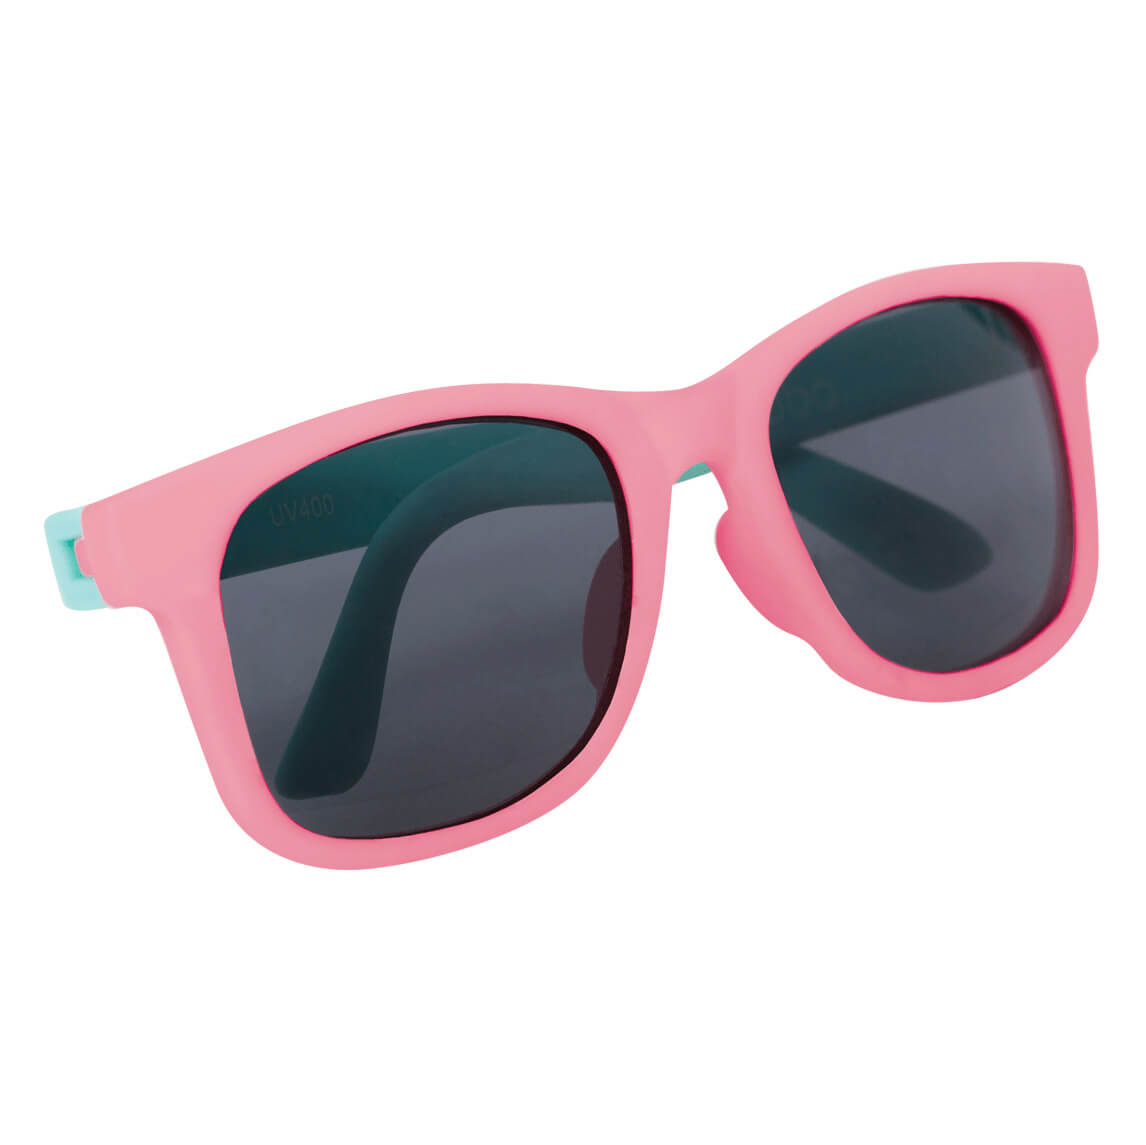 Óculos De Sol Flexível Pink Color 11748 Buba